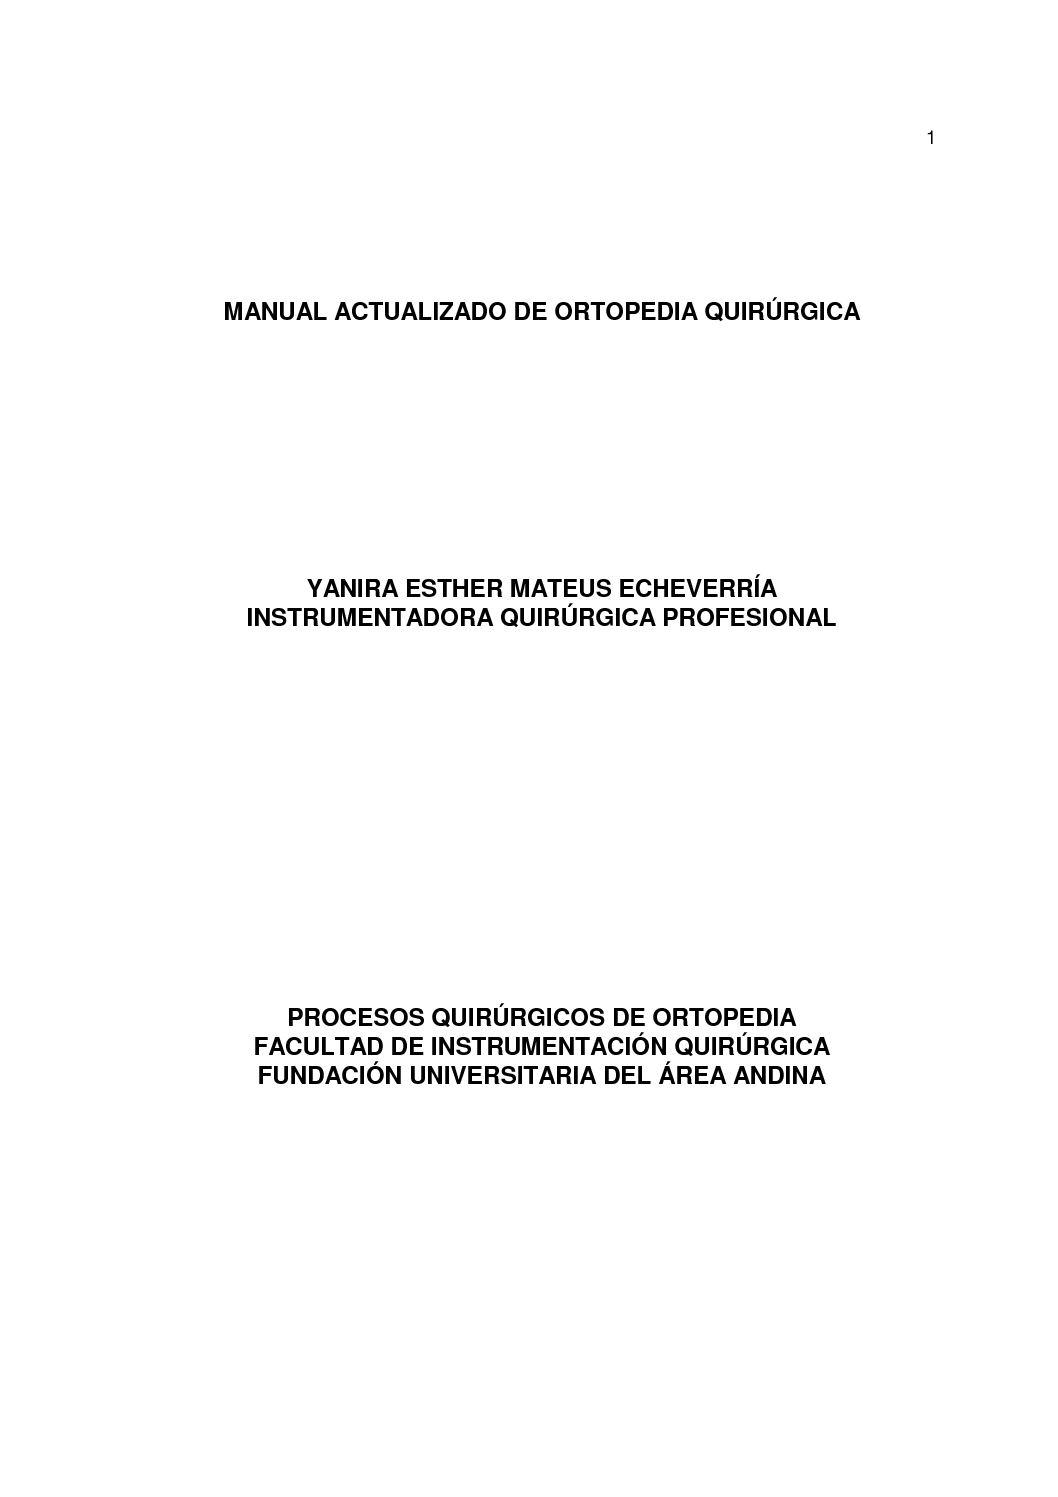 Calaméo - Manual Actualizado De Ortopedia Quirurgica 1